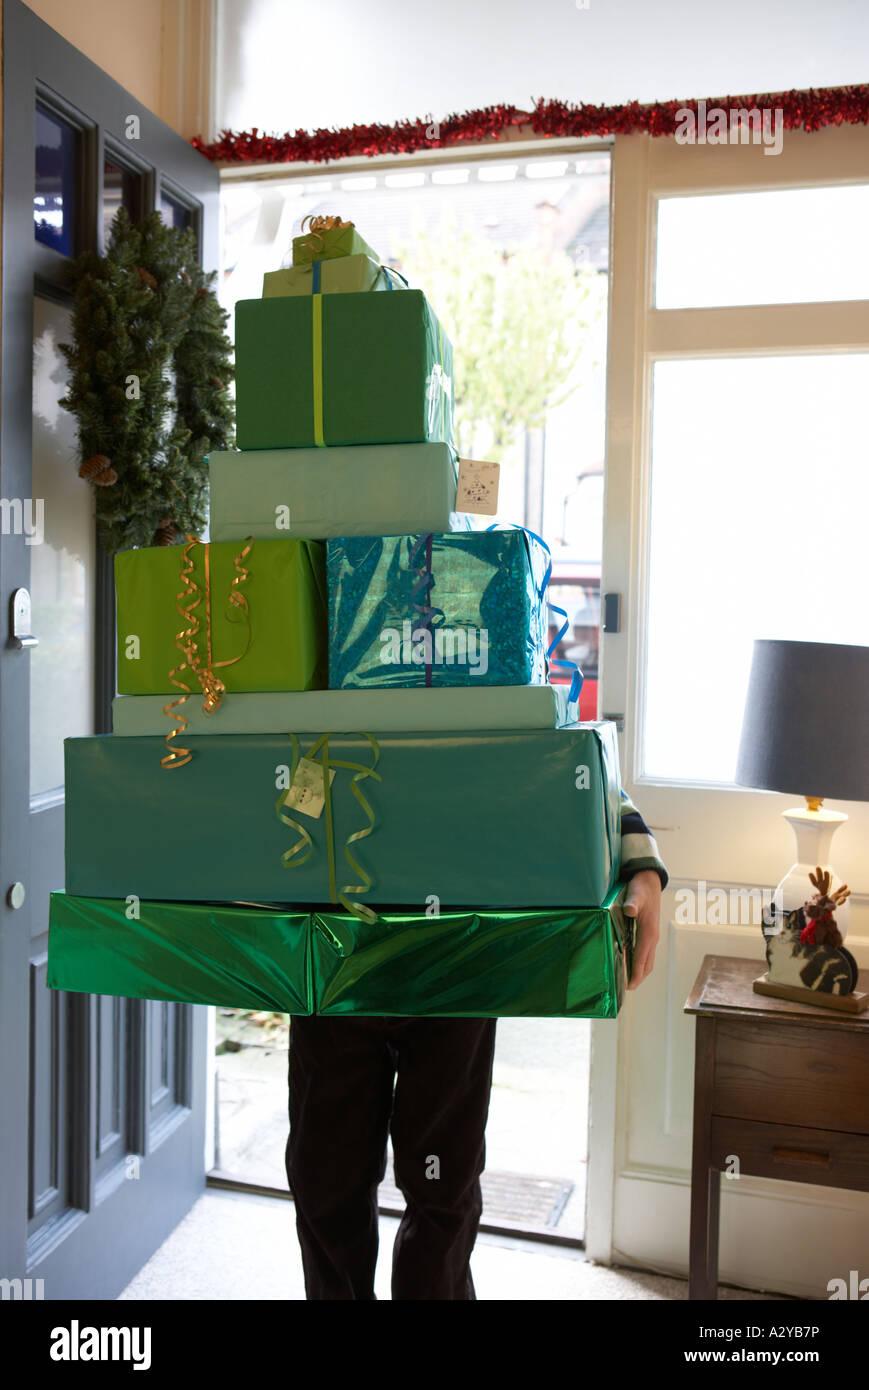 Un garçon tenant une pile de livre vert présente à travers une porte avant dans la forme d'un Photo Stock